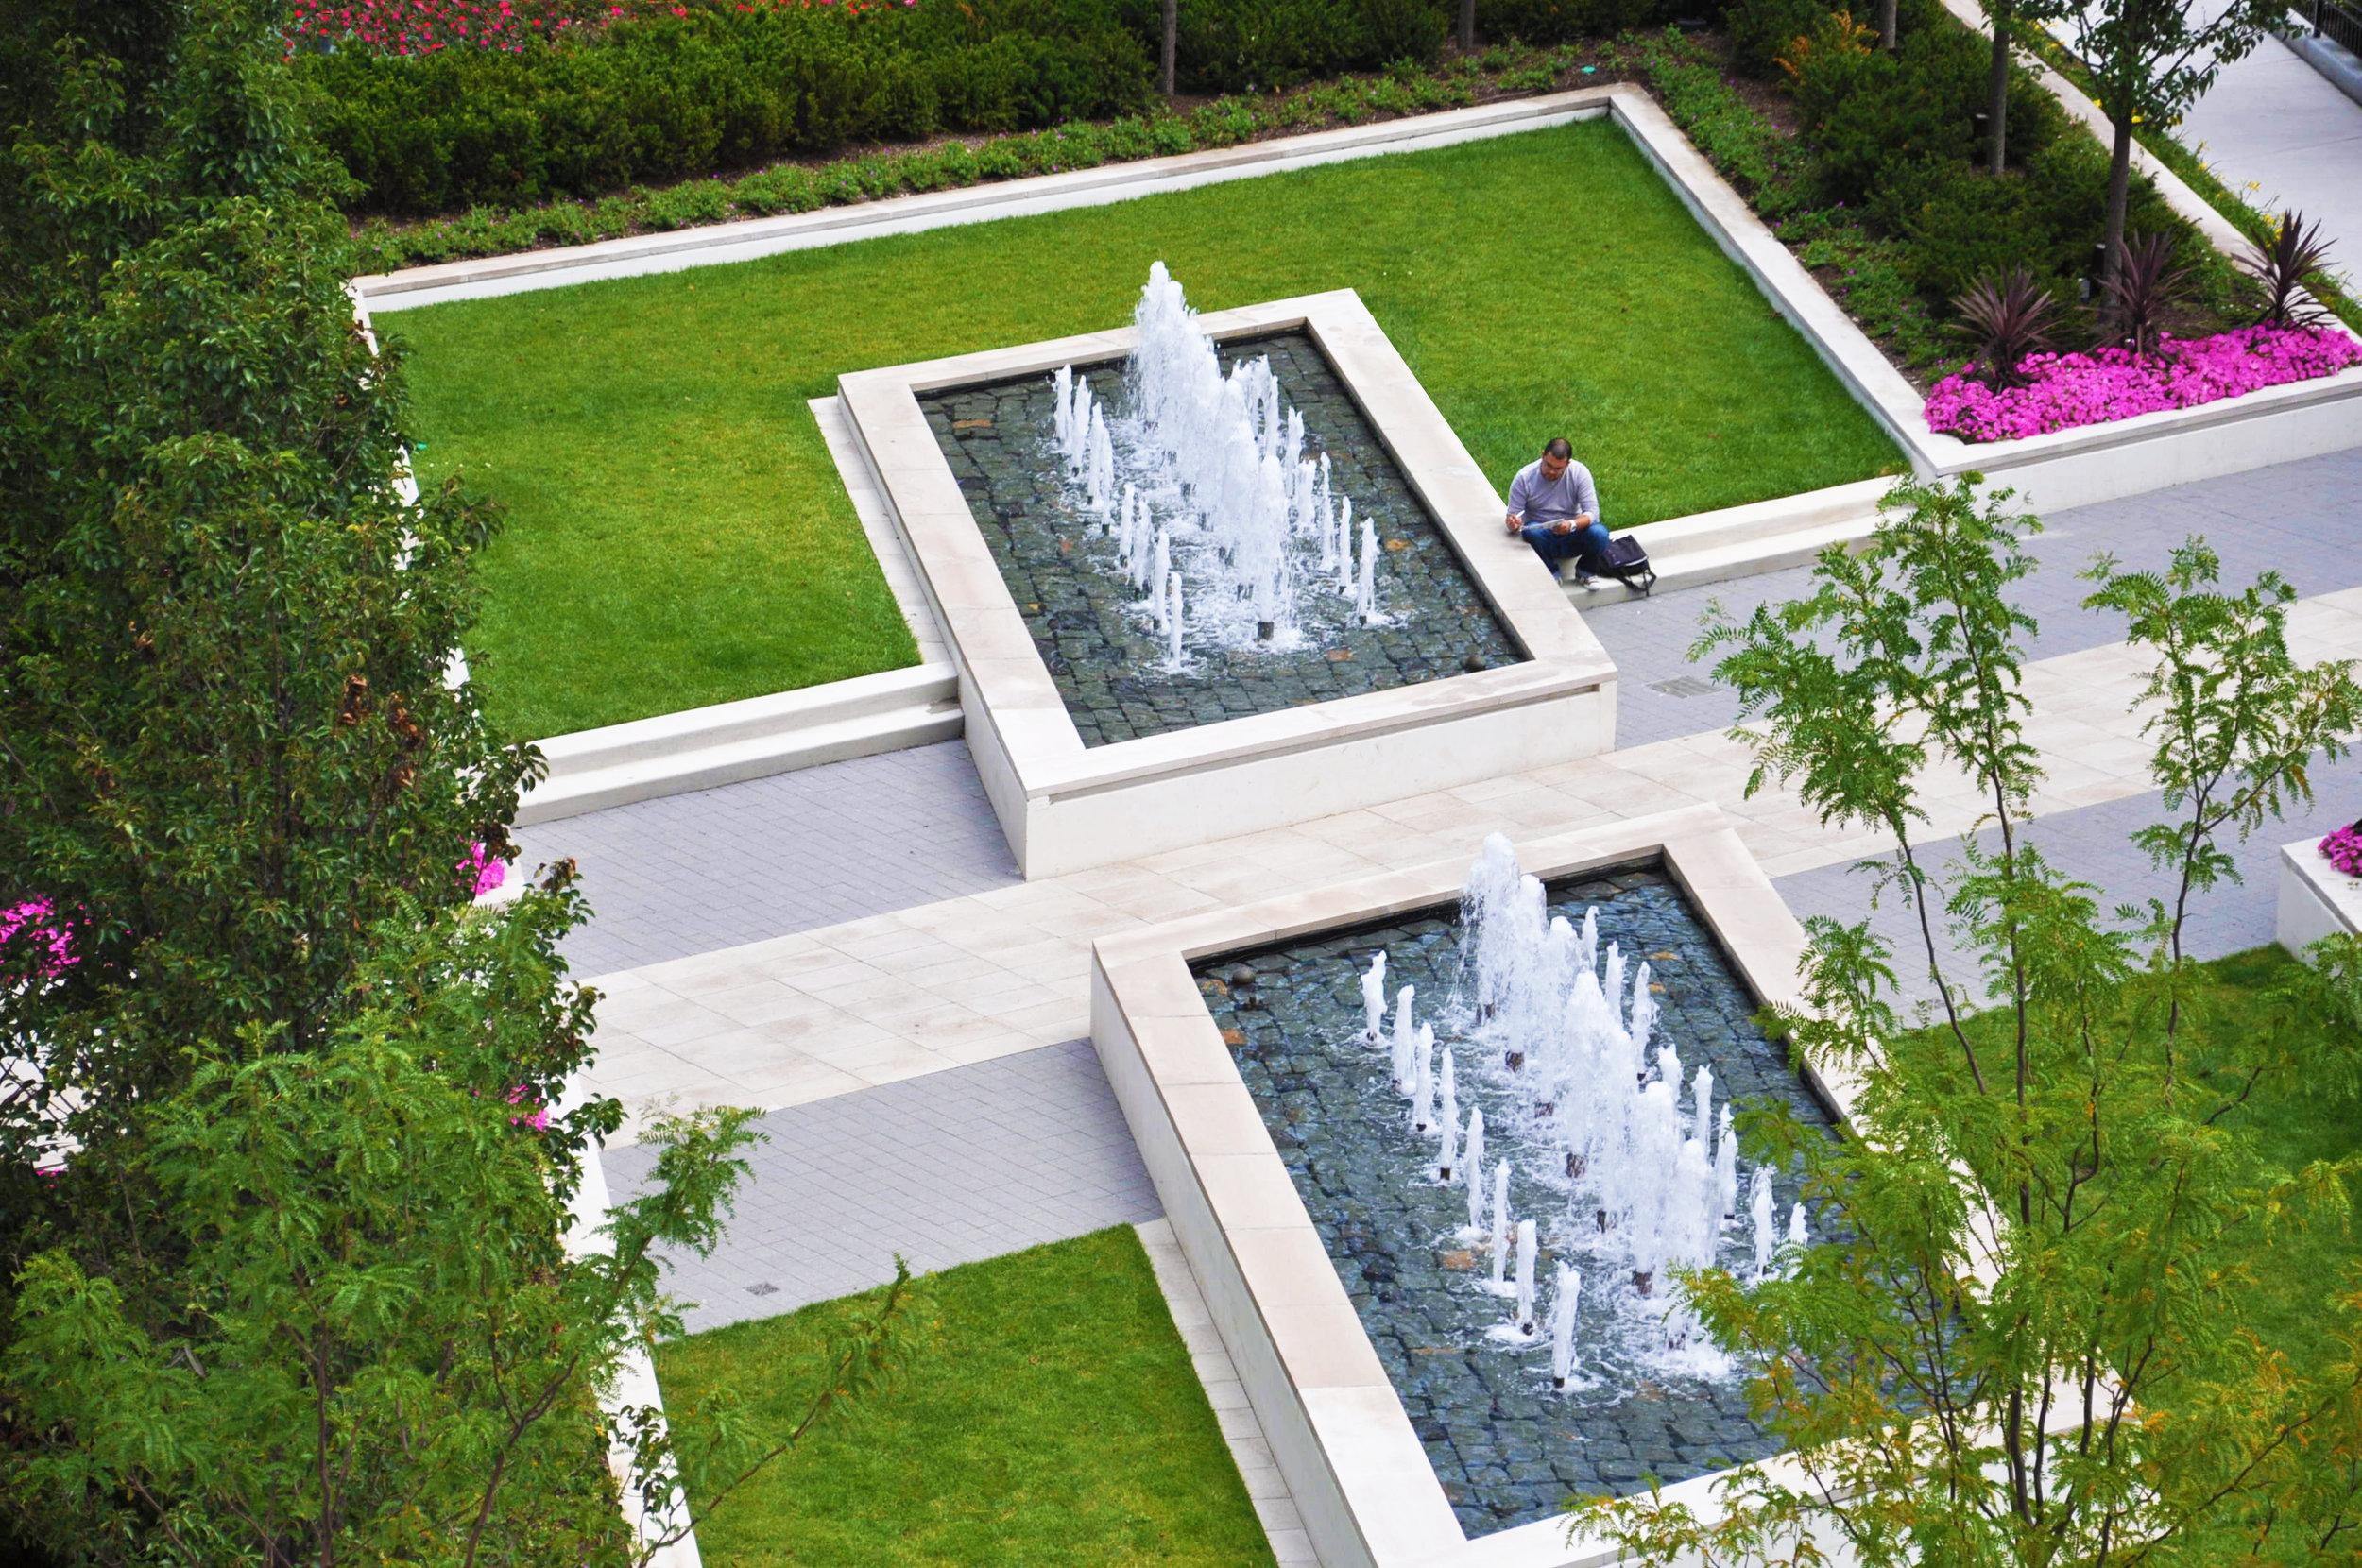 Hubbard Place Plaza